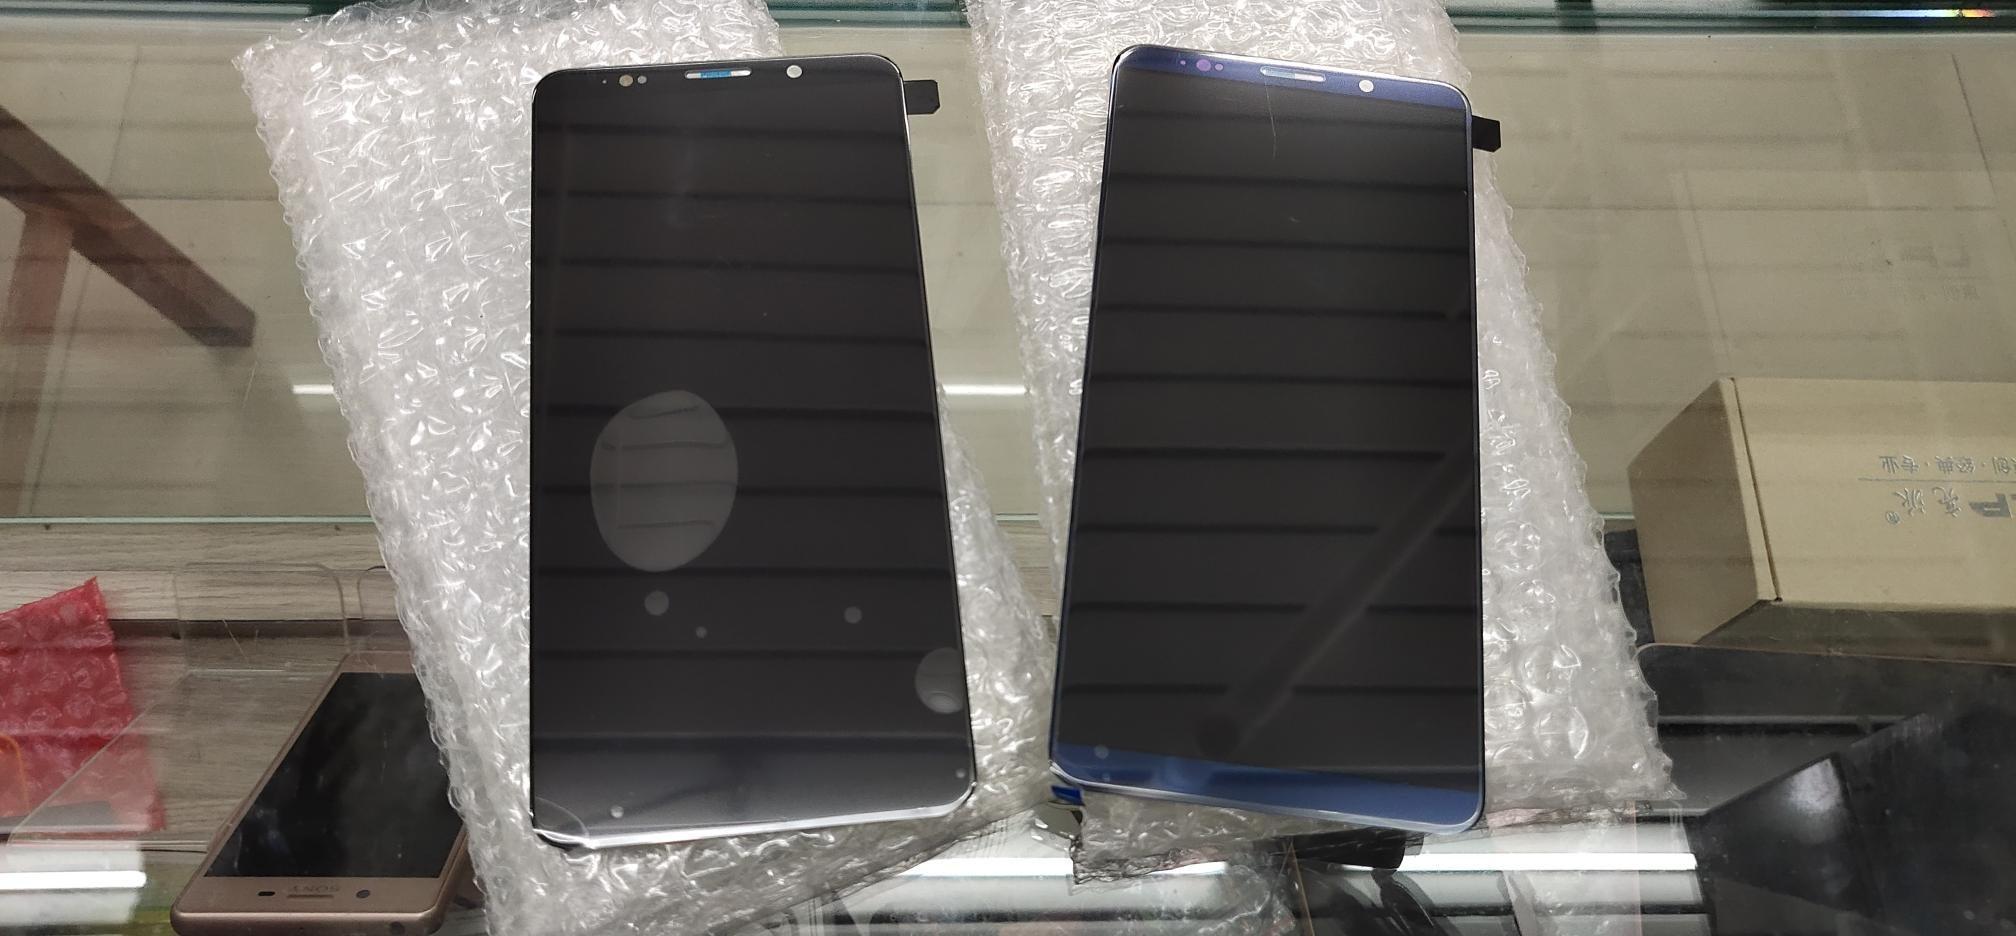 [南勢角維修] 華為 Mate10 Pro 螢幕總成 OLED 維修完工價2300元 全國最低價